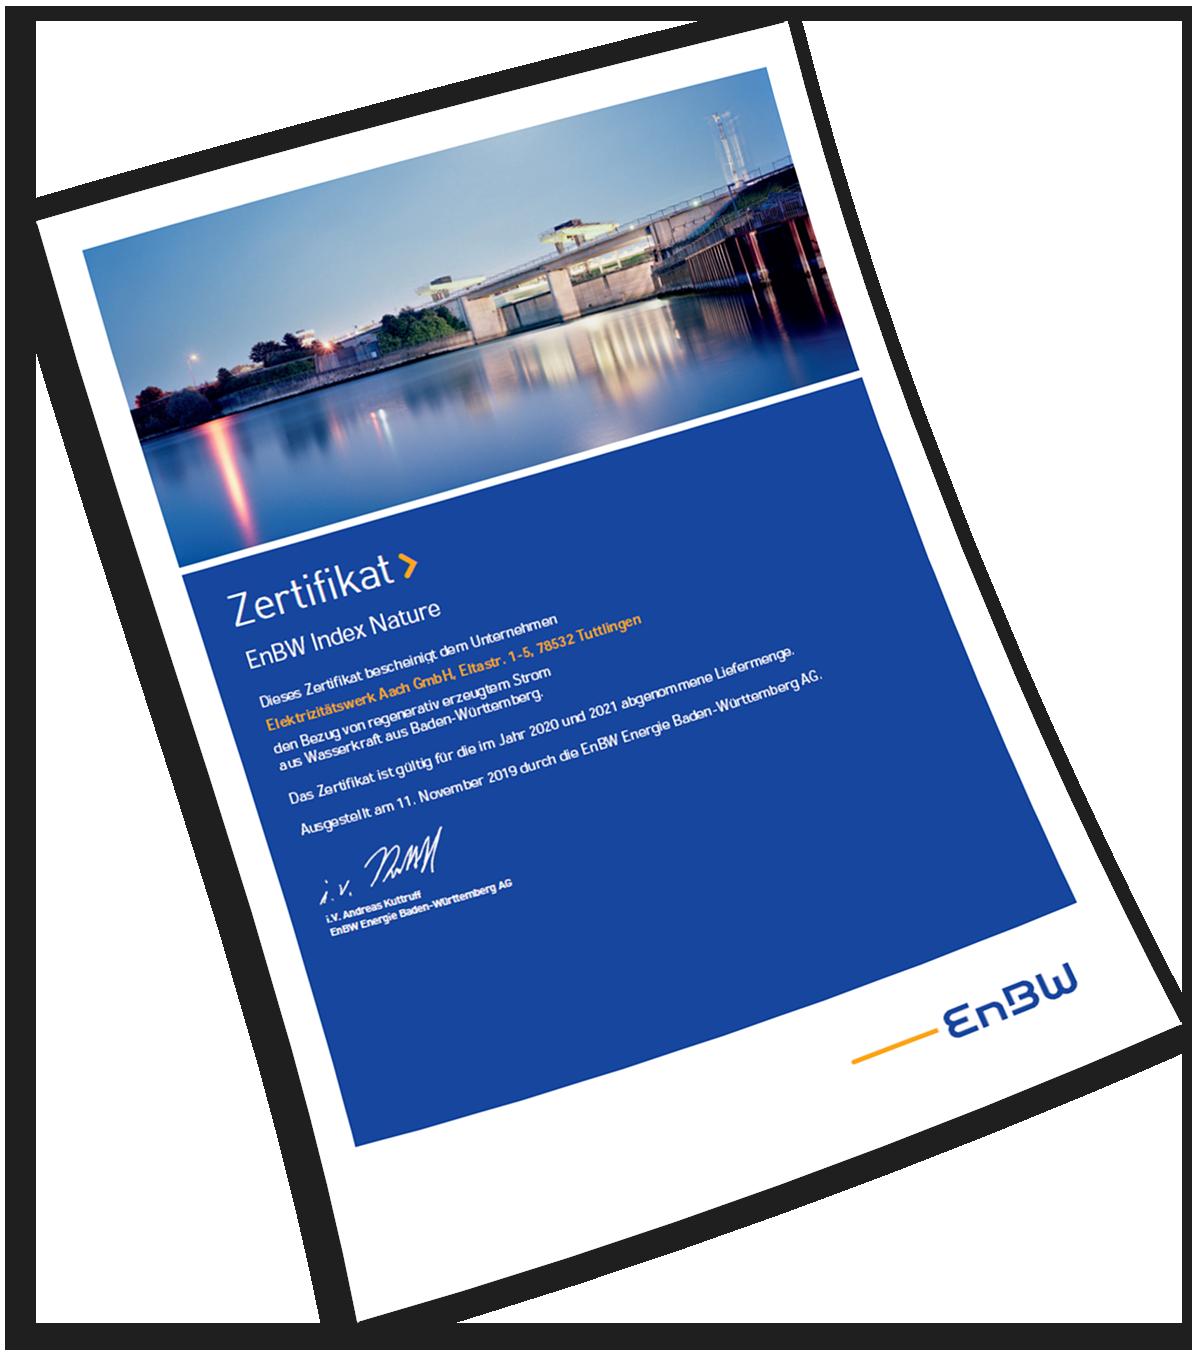 EnBW-Zertifikat